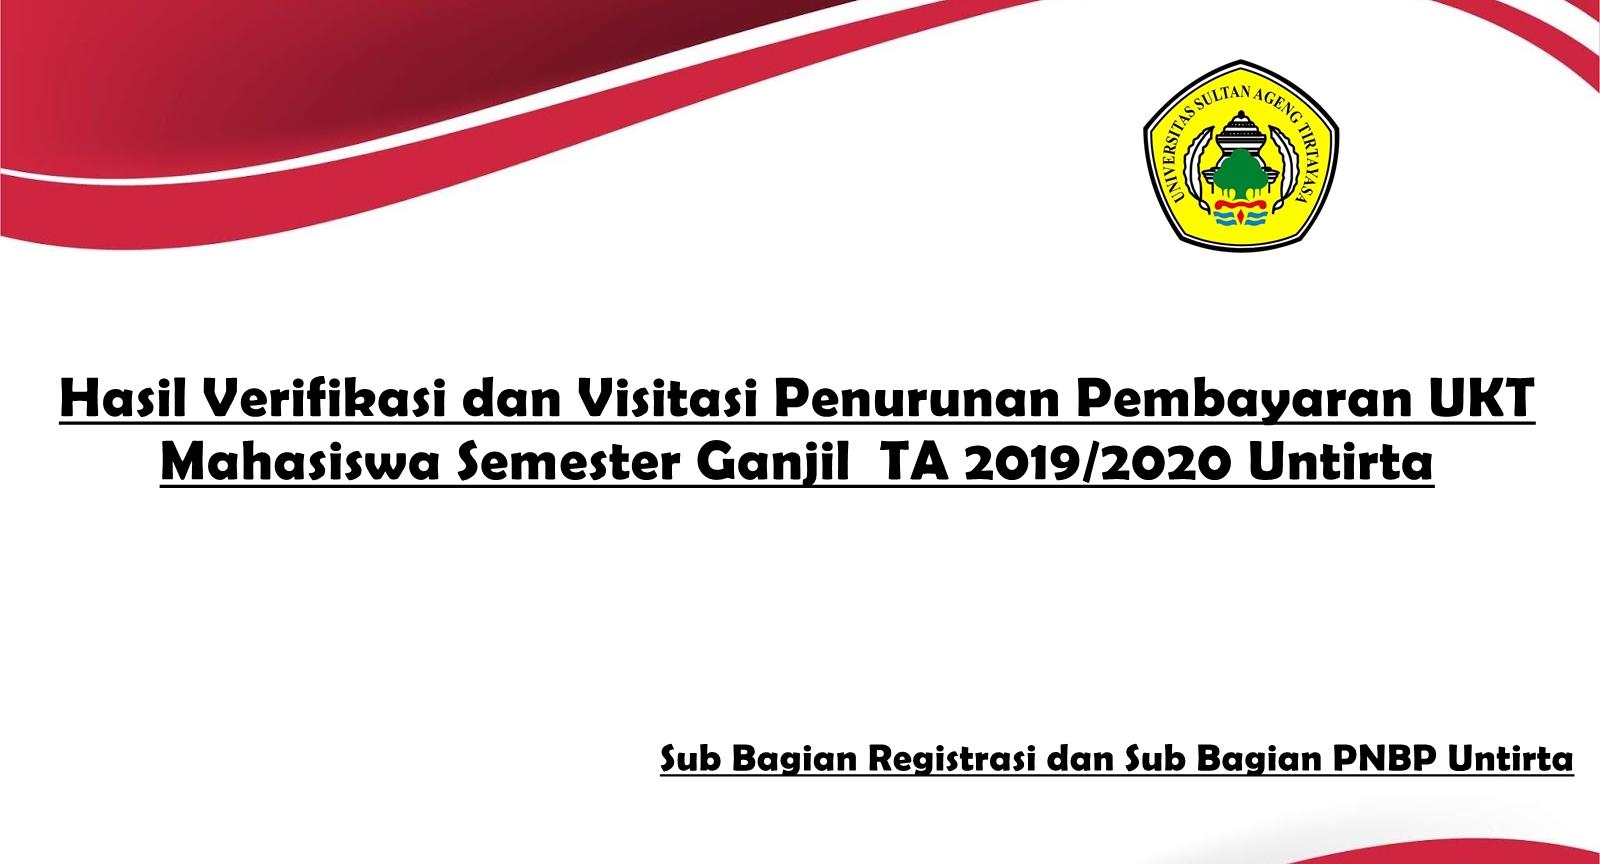 (Bahasa) Hasil Verifikasi dan Visitasi Penurunan Pembayaran UKT Mahasiswa Semester Ganjil  TA 2019/2020 Untirta